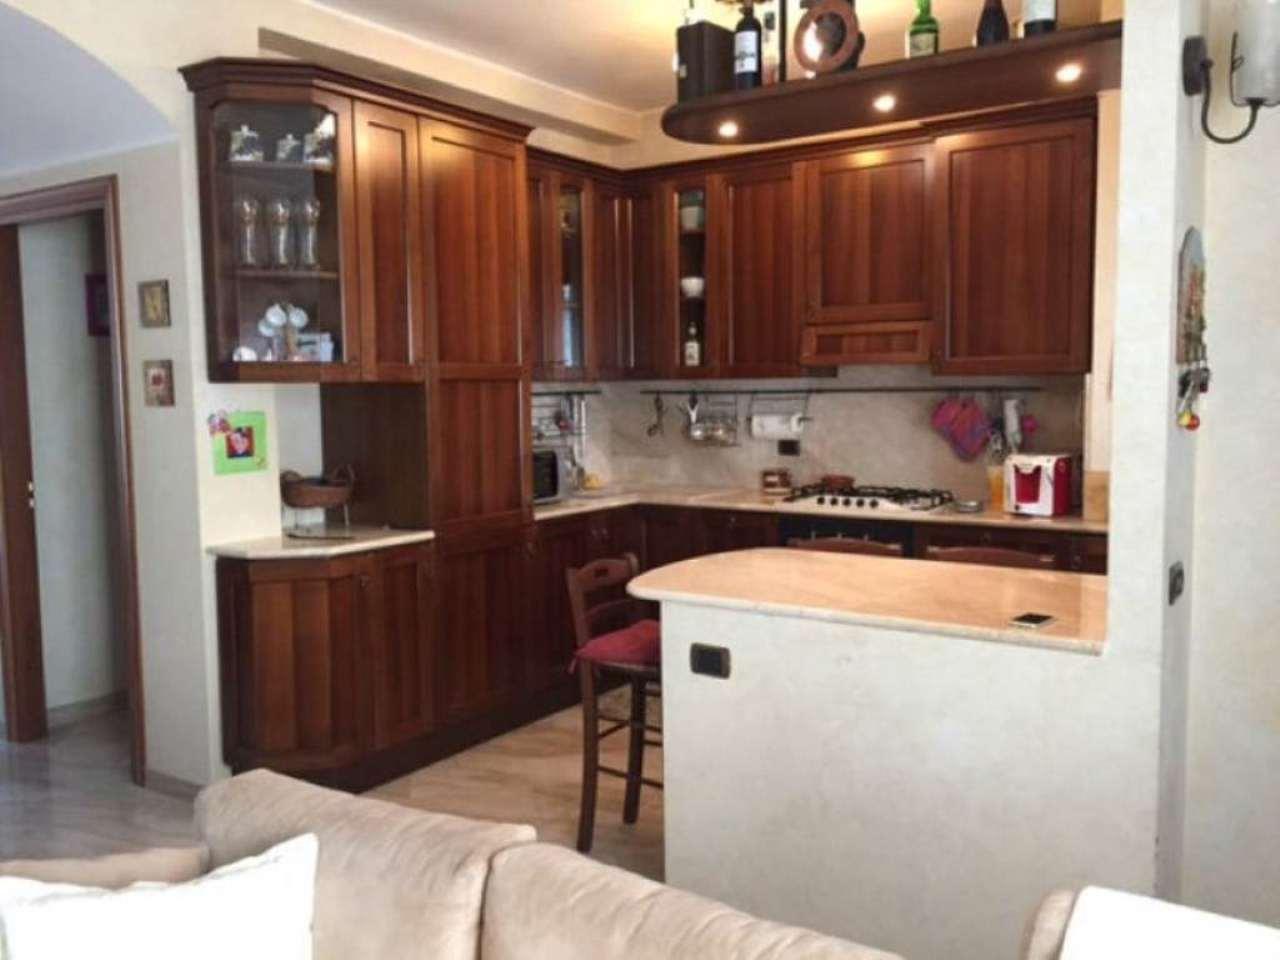 Appartamento in vendita a Mulazzano, 3 locali, prezzo € 100.000 | CambioCasa.it